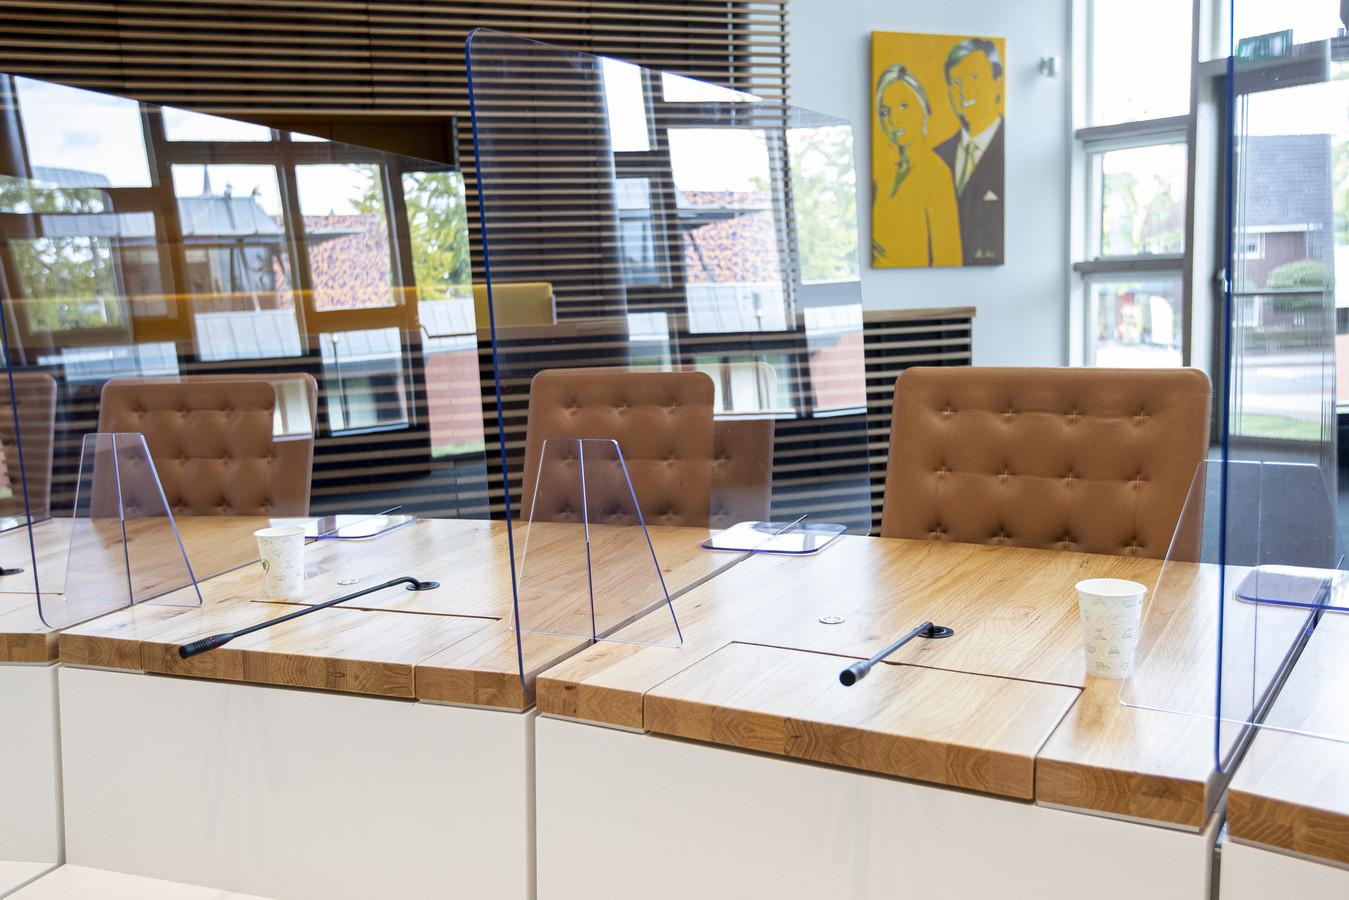 In de raadszaal van het gemeentehuis van Hardenberg zijn spatschermen geplaatst tussen de zitplaatsen van de raadsleden. Ook de burgemeester, wethouders en griffier worden gescheiden en beschermd door spatschermen.